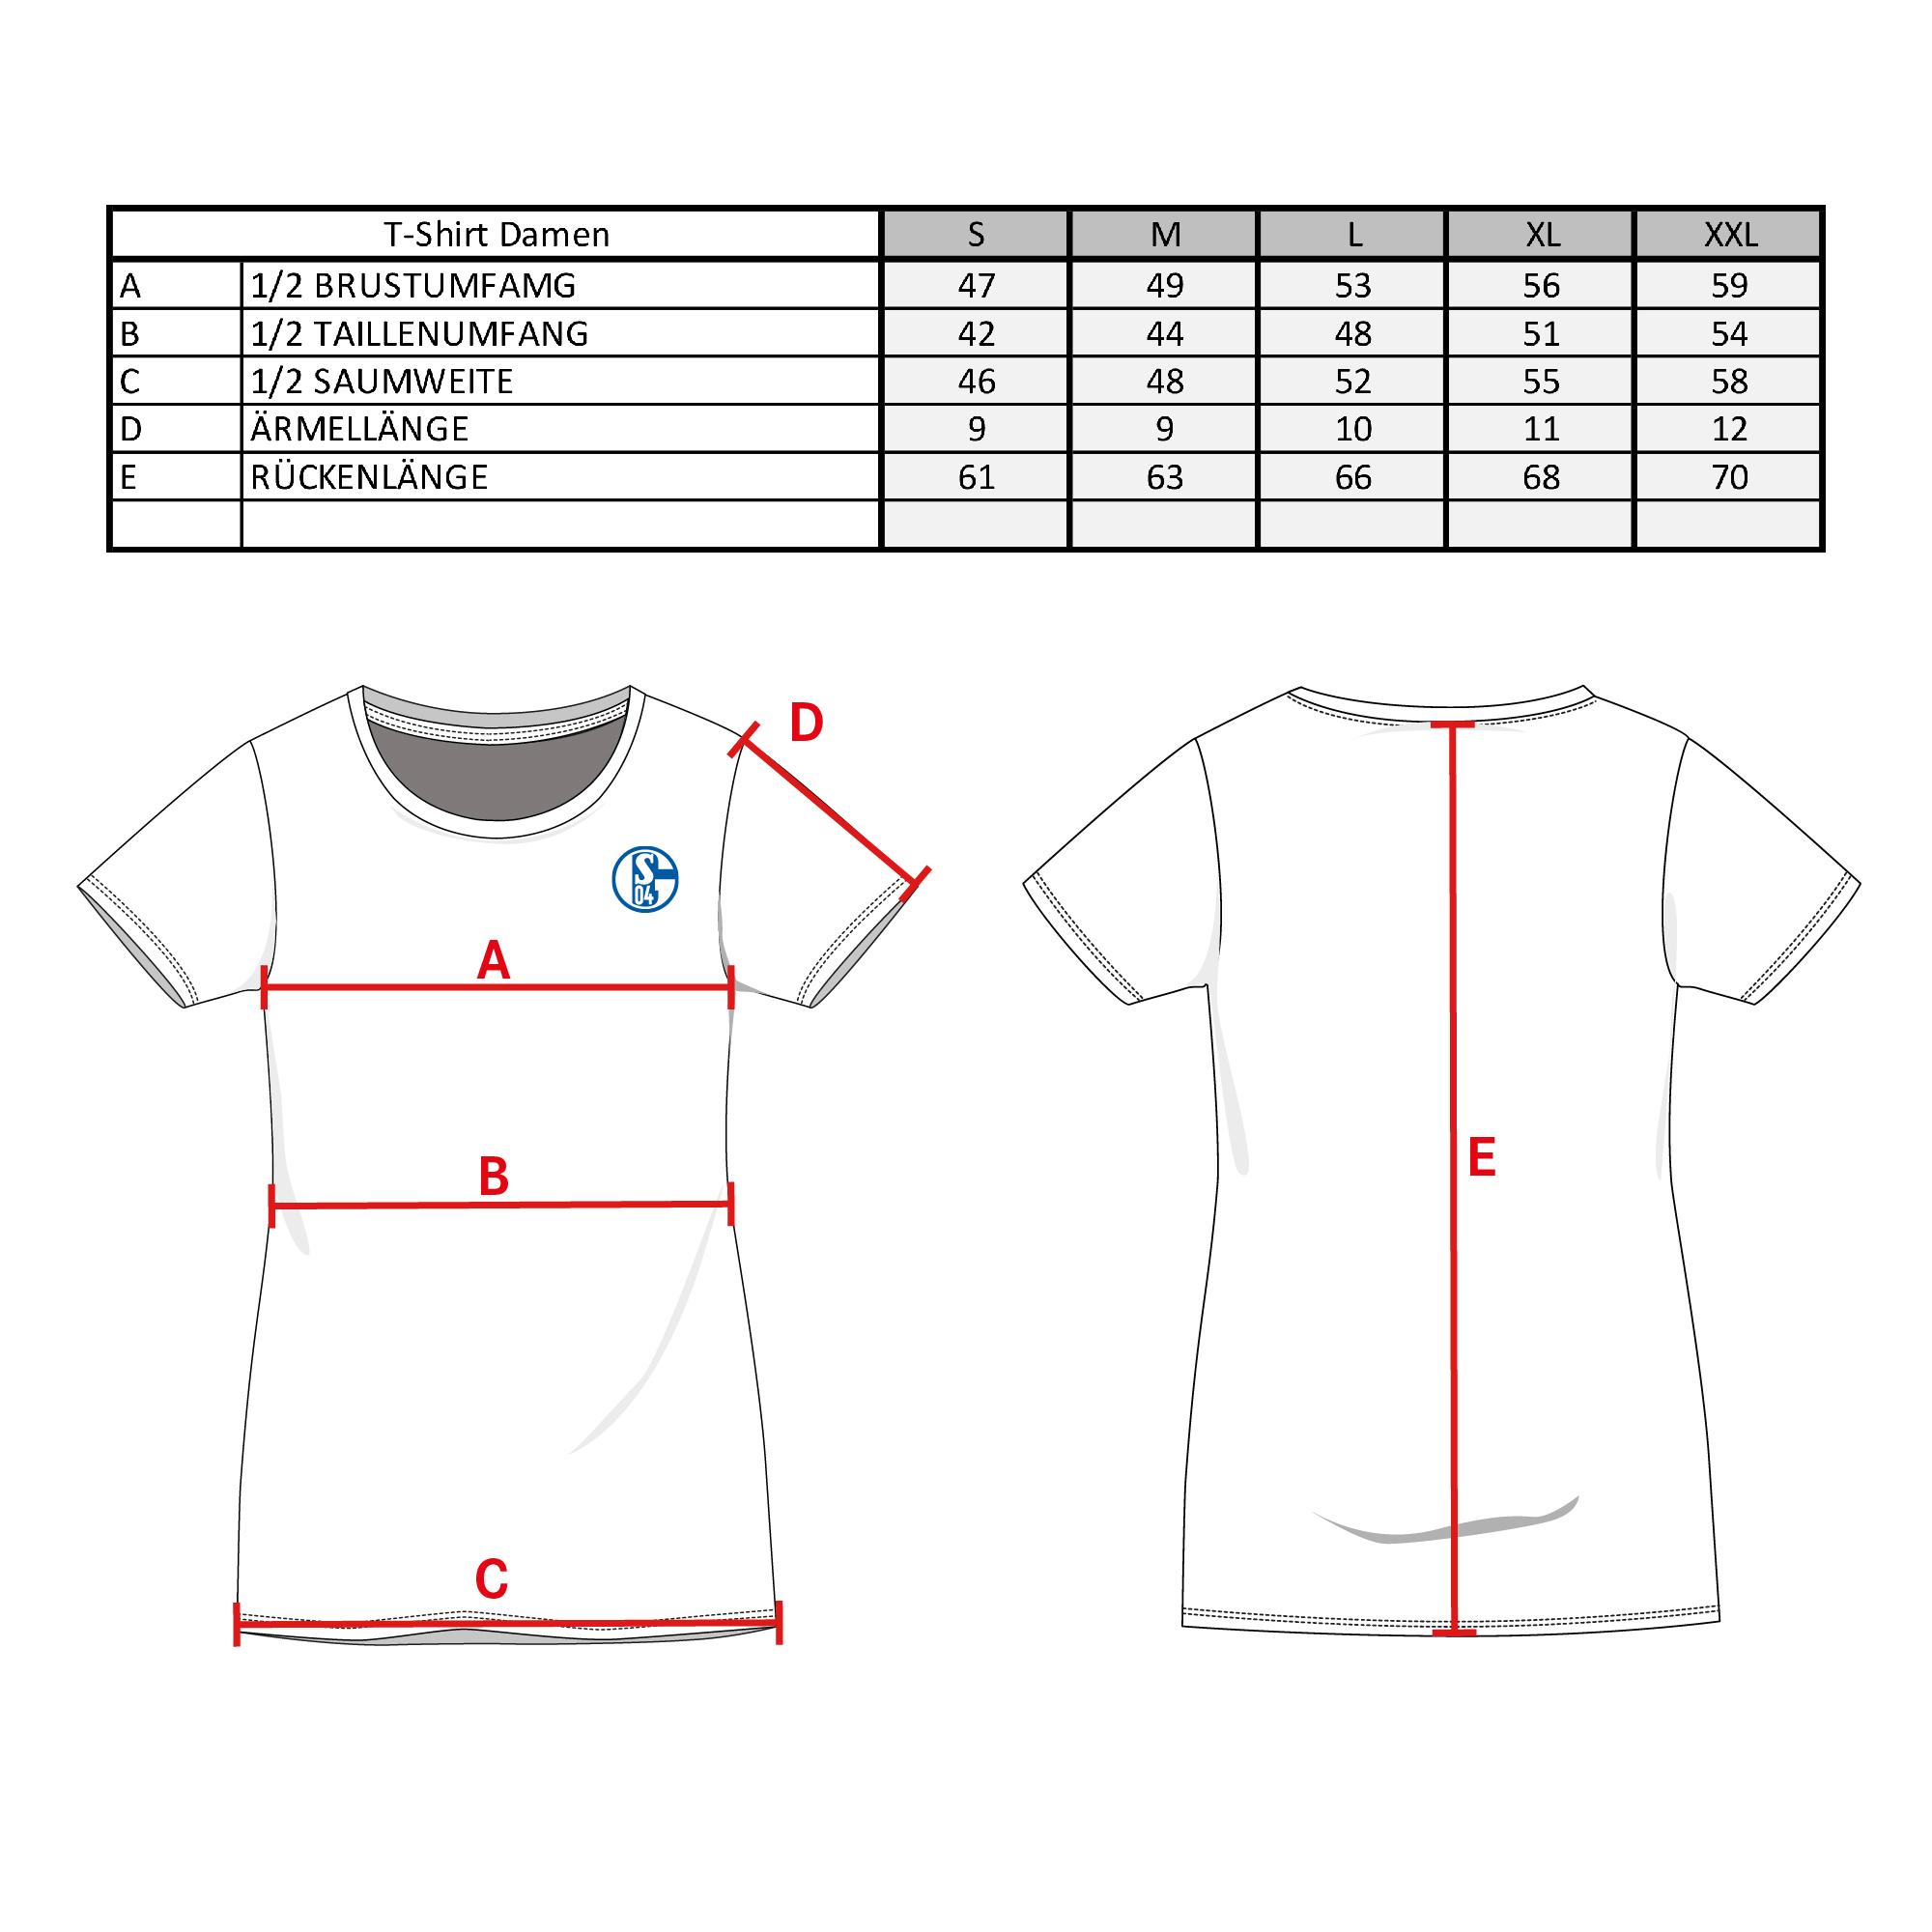 MC_Damen_T-Shirt_Zeichenflache-1